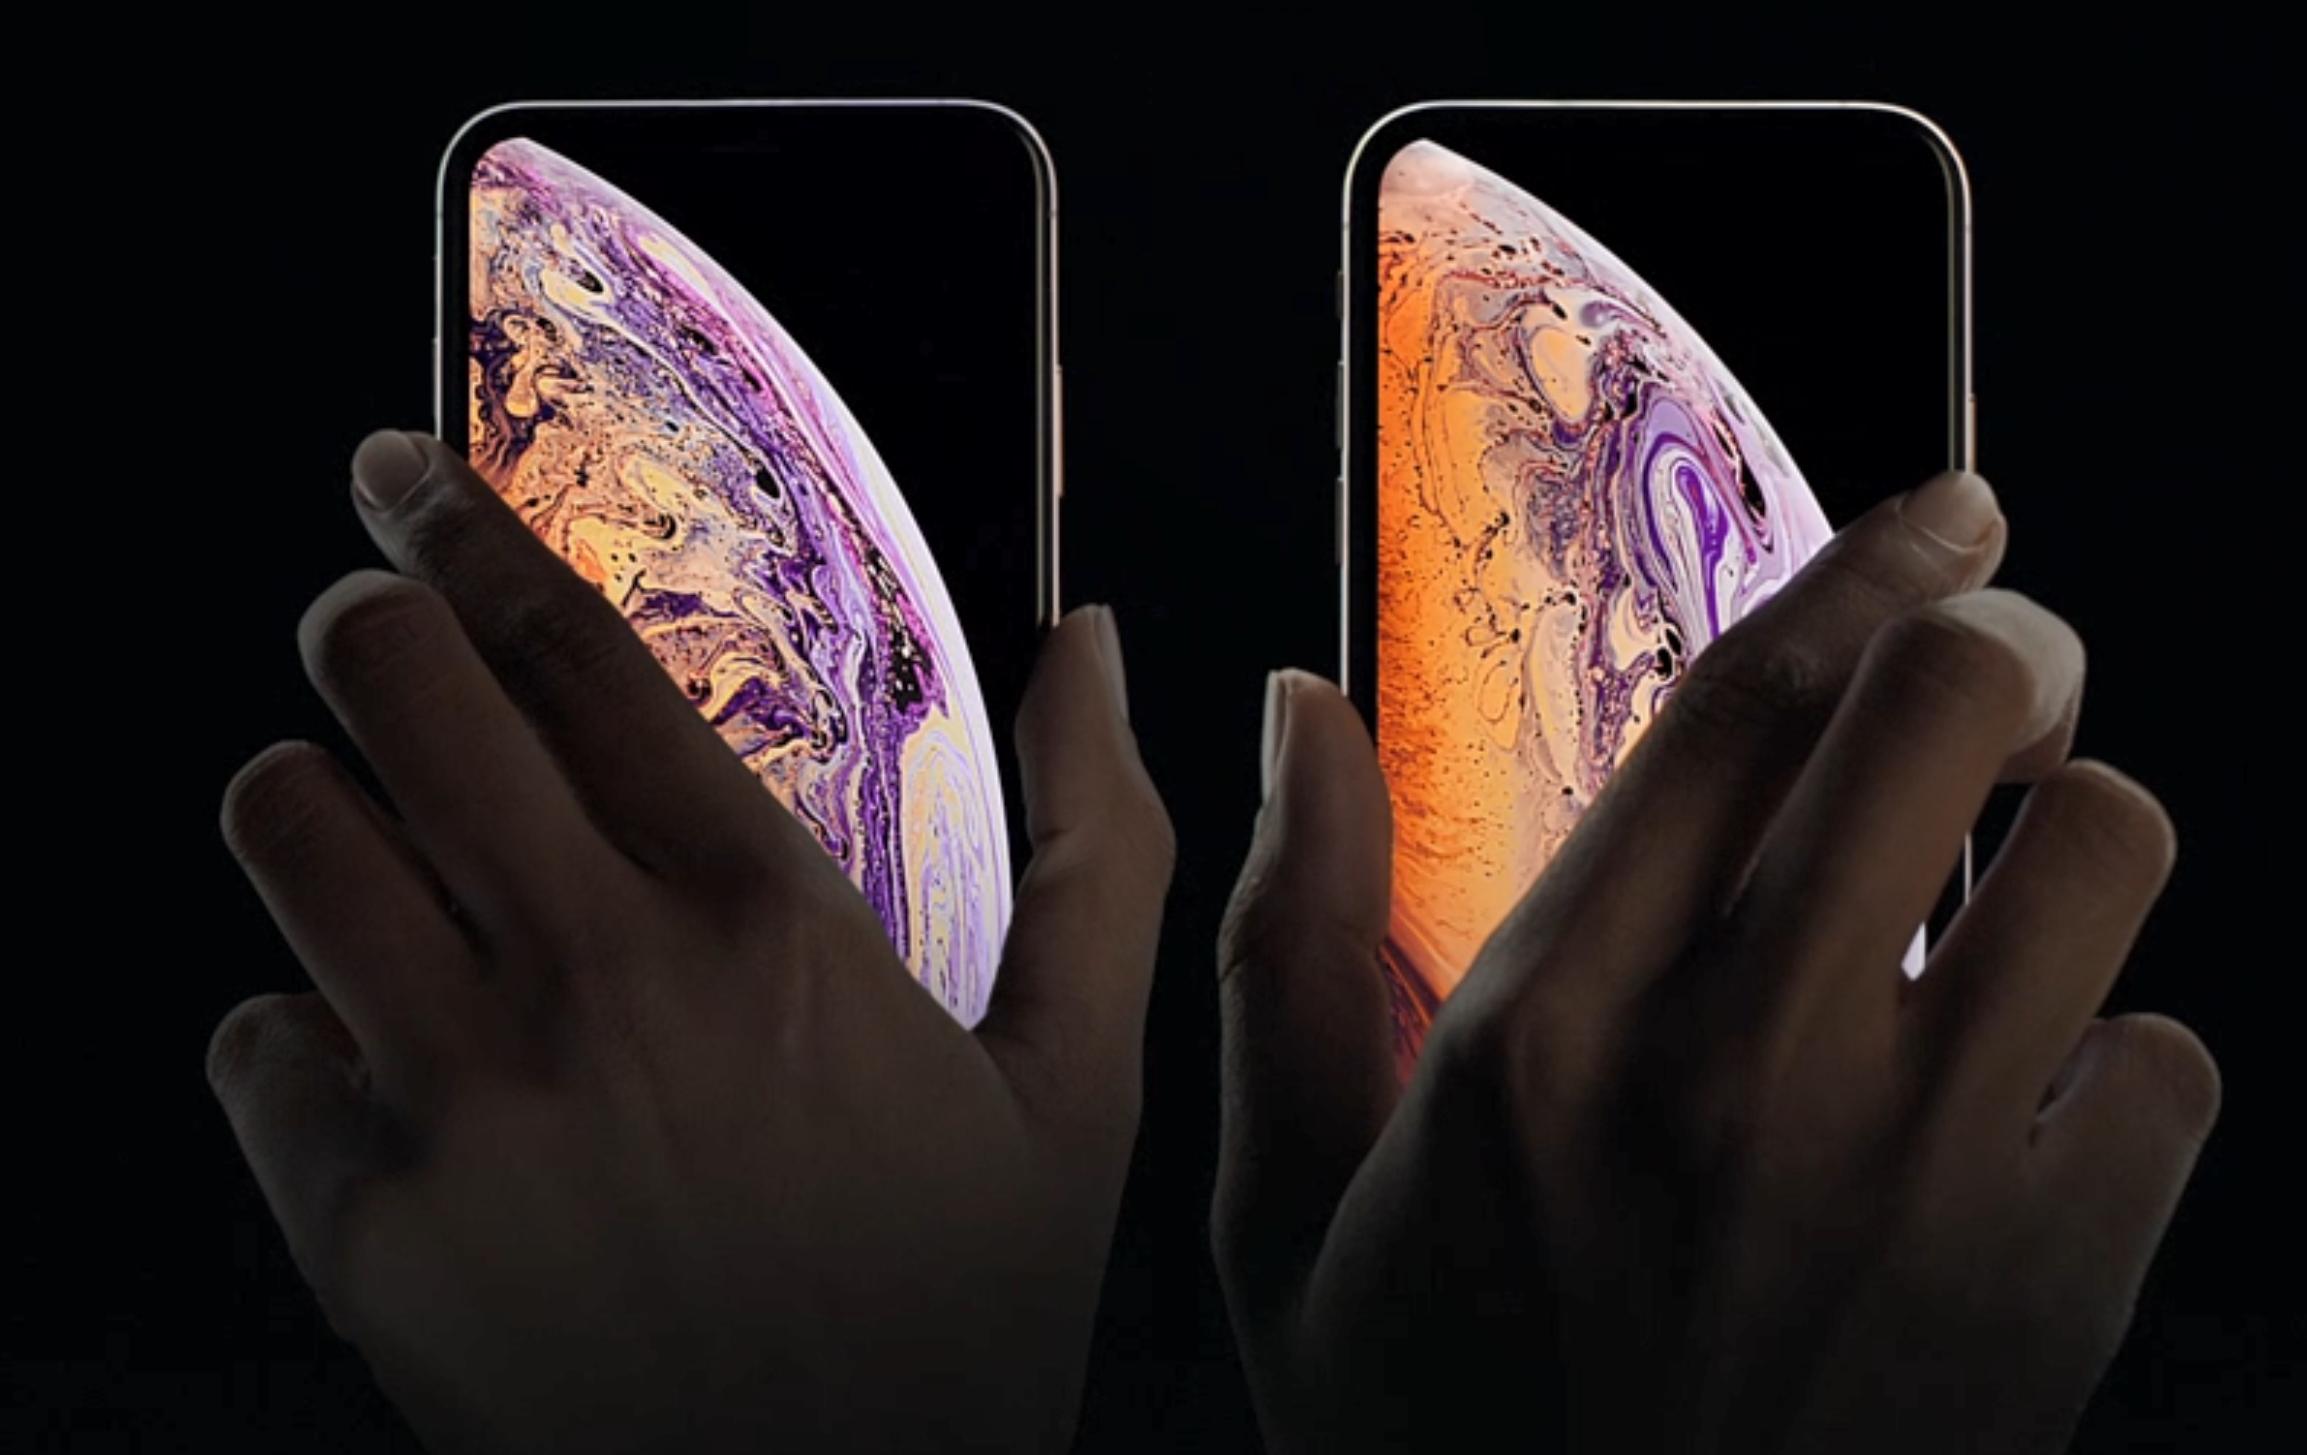 DIREKTE NÅ: - Dette er den mest avanserte iPhonen vi noen sinne har skapt